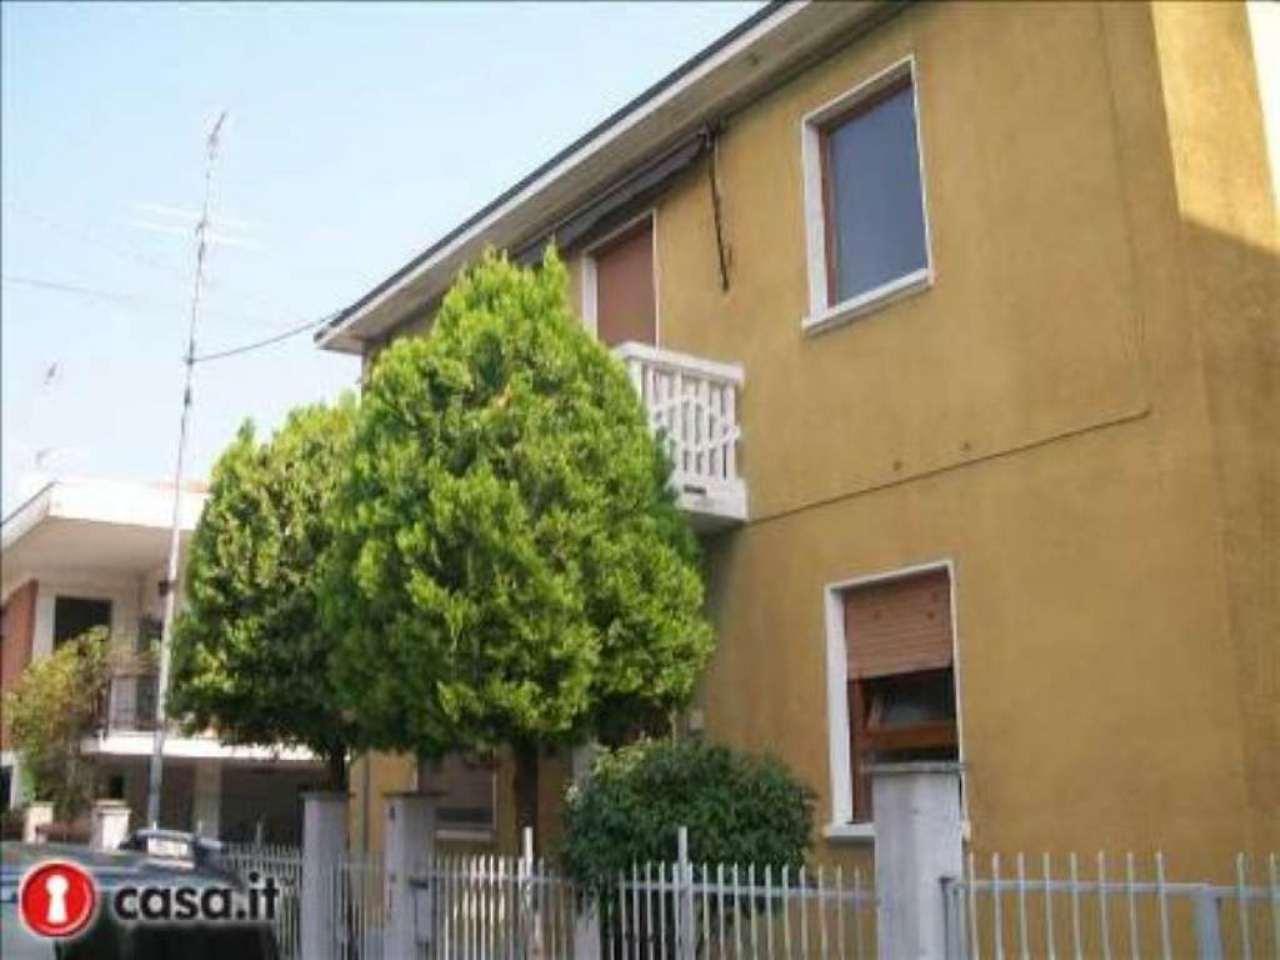 Soluzione Indipendente in vendita a Settimo Torinese, 5 locali, prezzo € 240.000 | CambioCasa.it